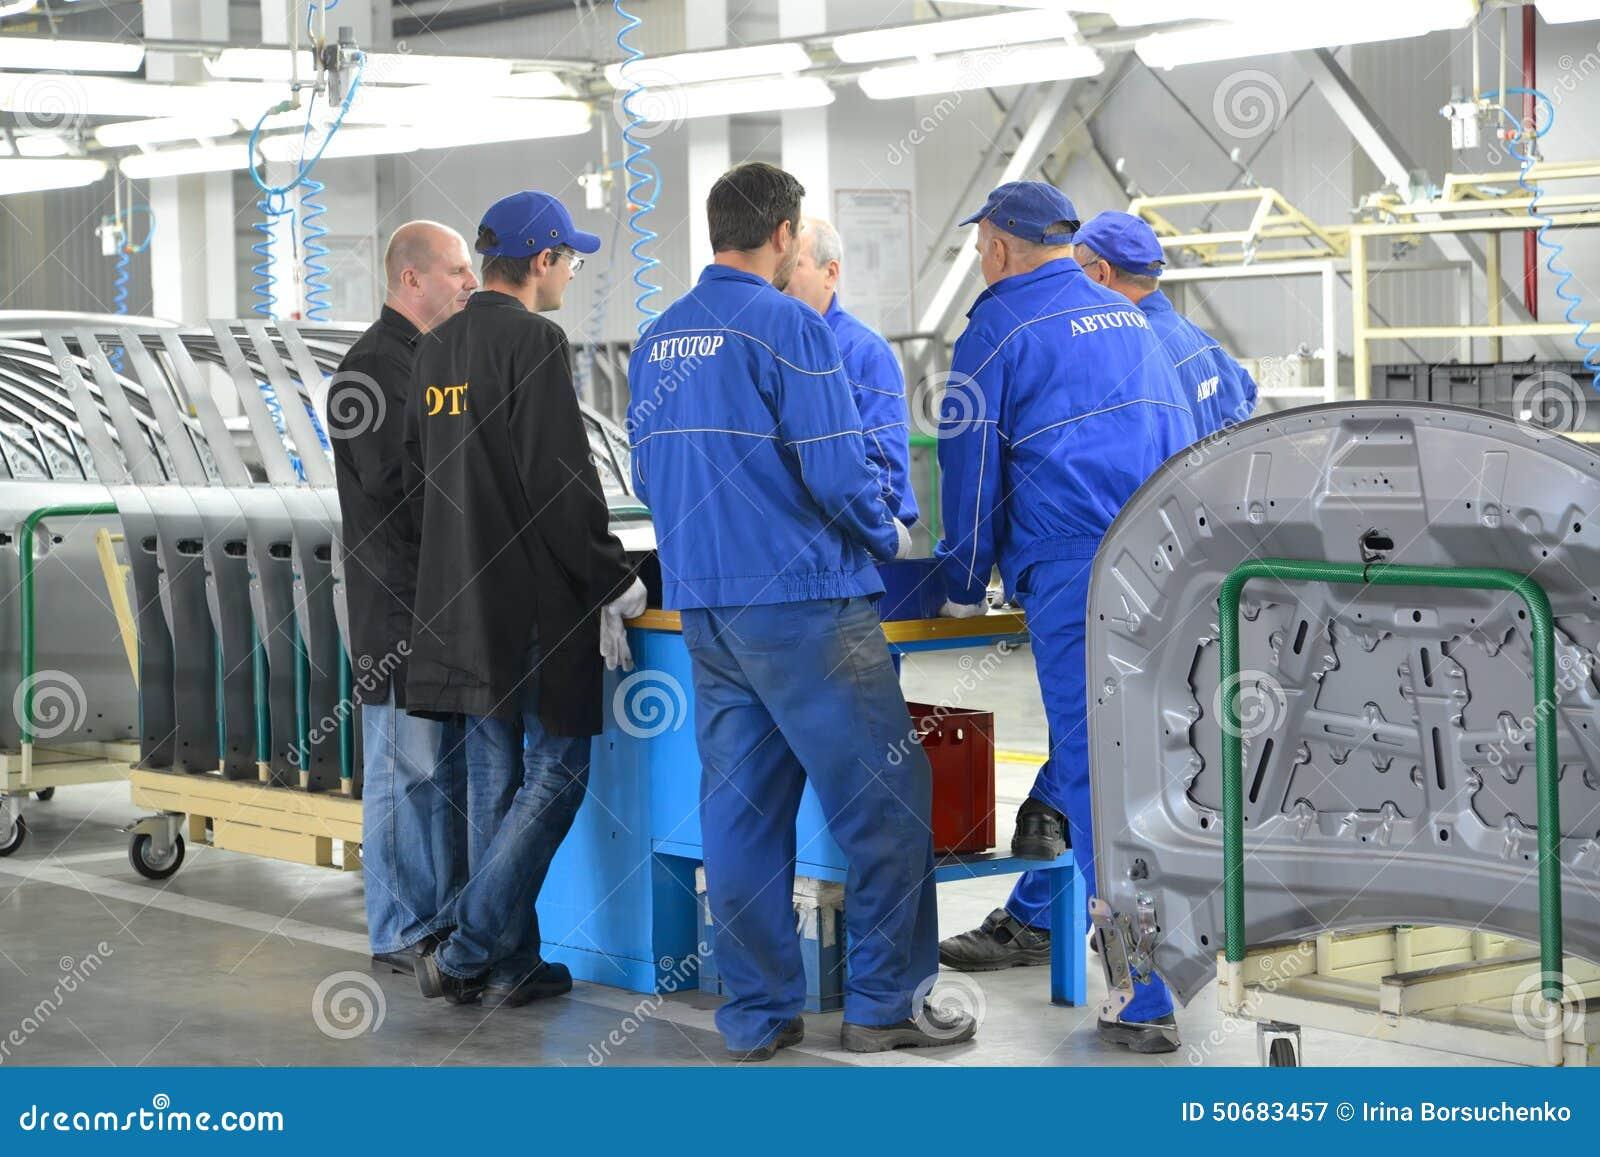 Download 质量部门的工作者和职员谈论问题点我 图库摄影片. 图片 包括有 选矿, 工厂, 的assam, 衣裳, 专家 - 50683457